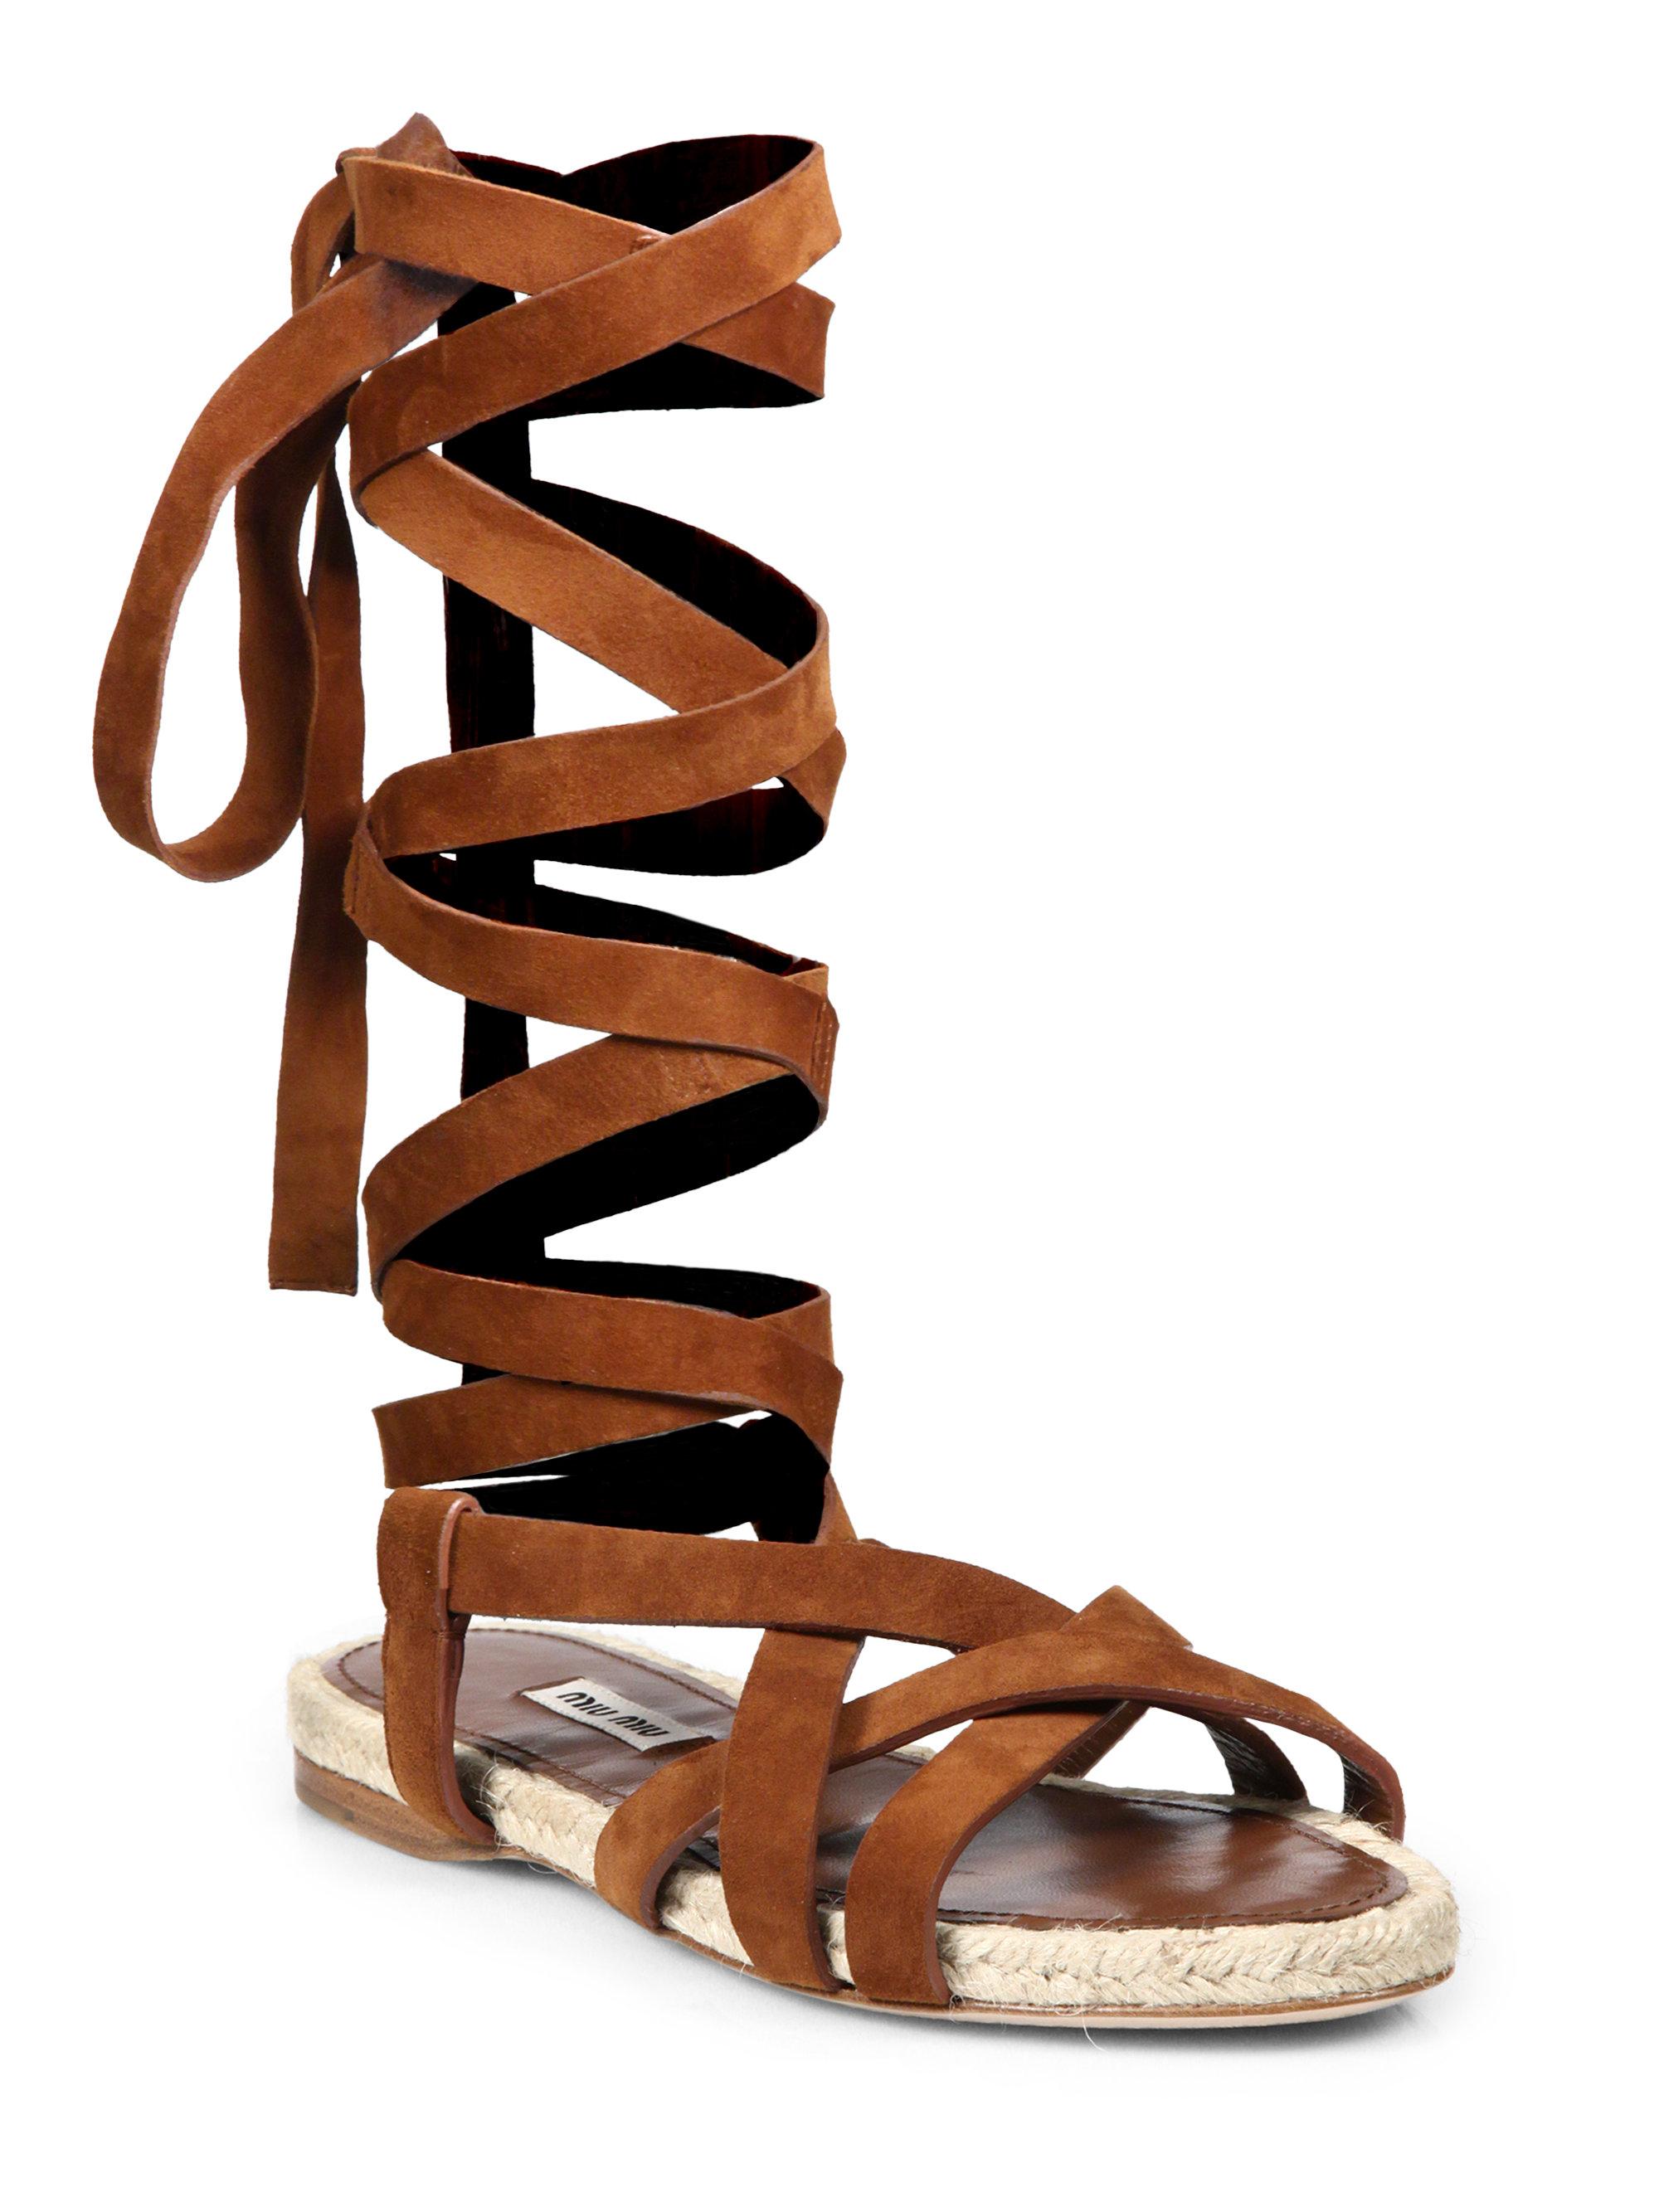 Miu Miu Suede Amp Espadrille Lace Up Flat Sandals In Brown